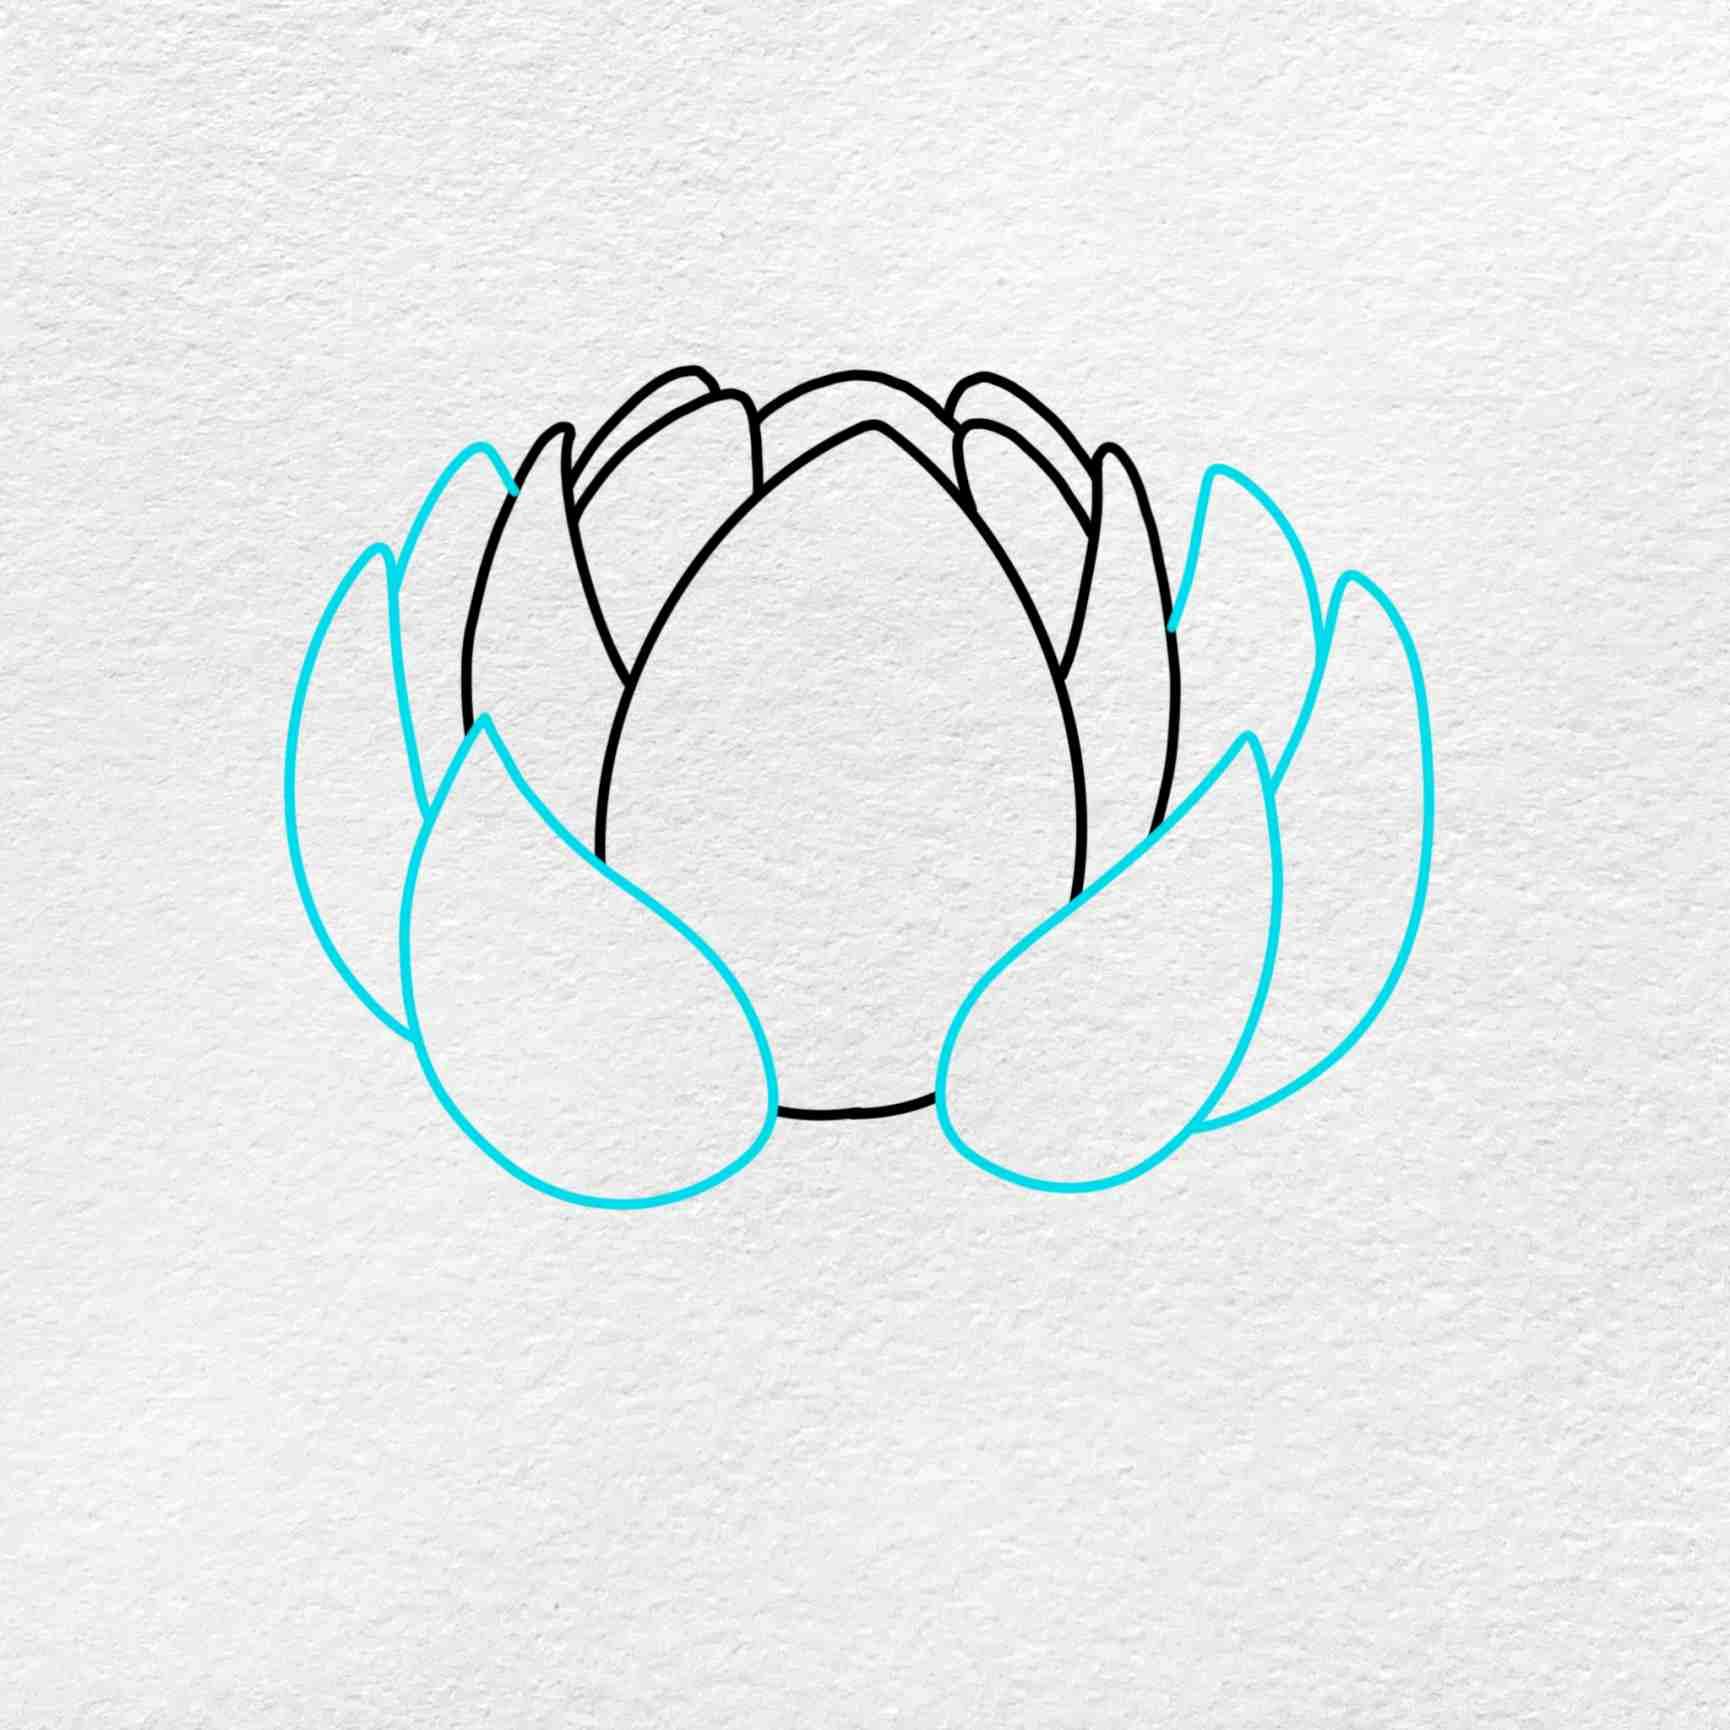 Easy Lotus Drawing: Step 3